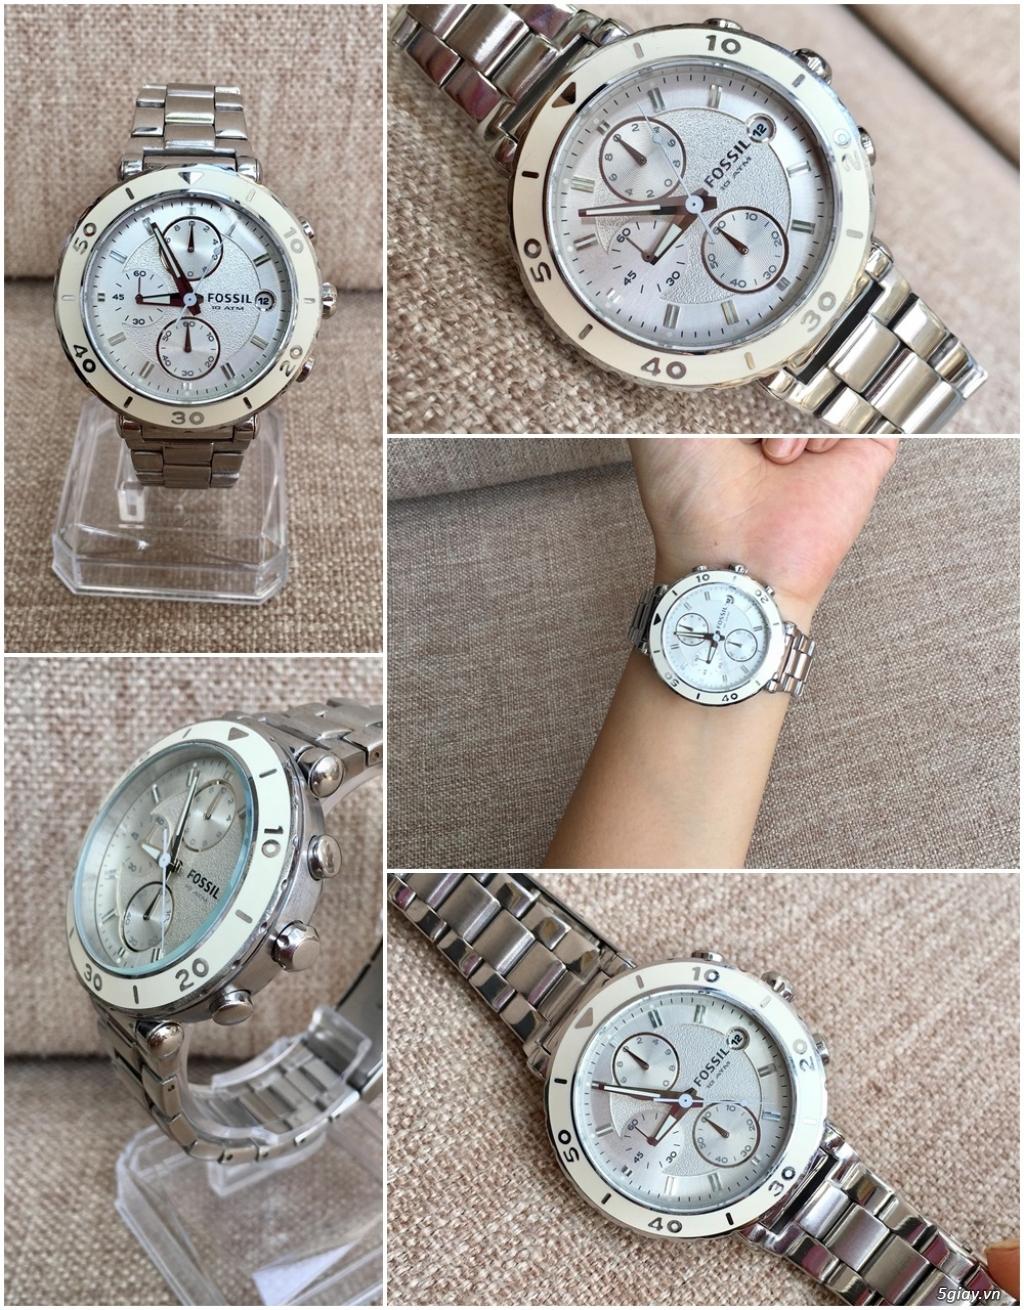 Kho đồng hồ xách tay chính hãng secondhand update liên tục - 6